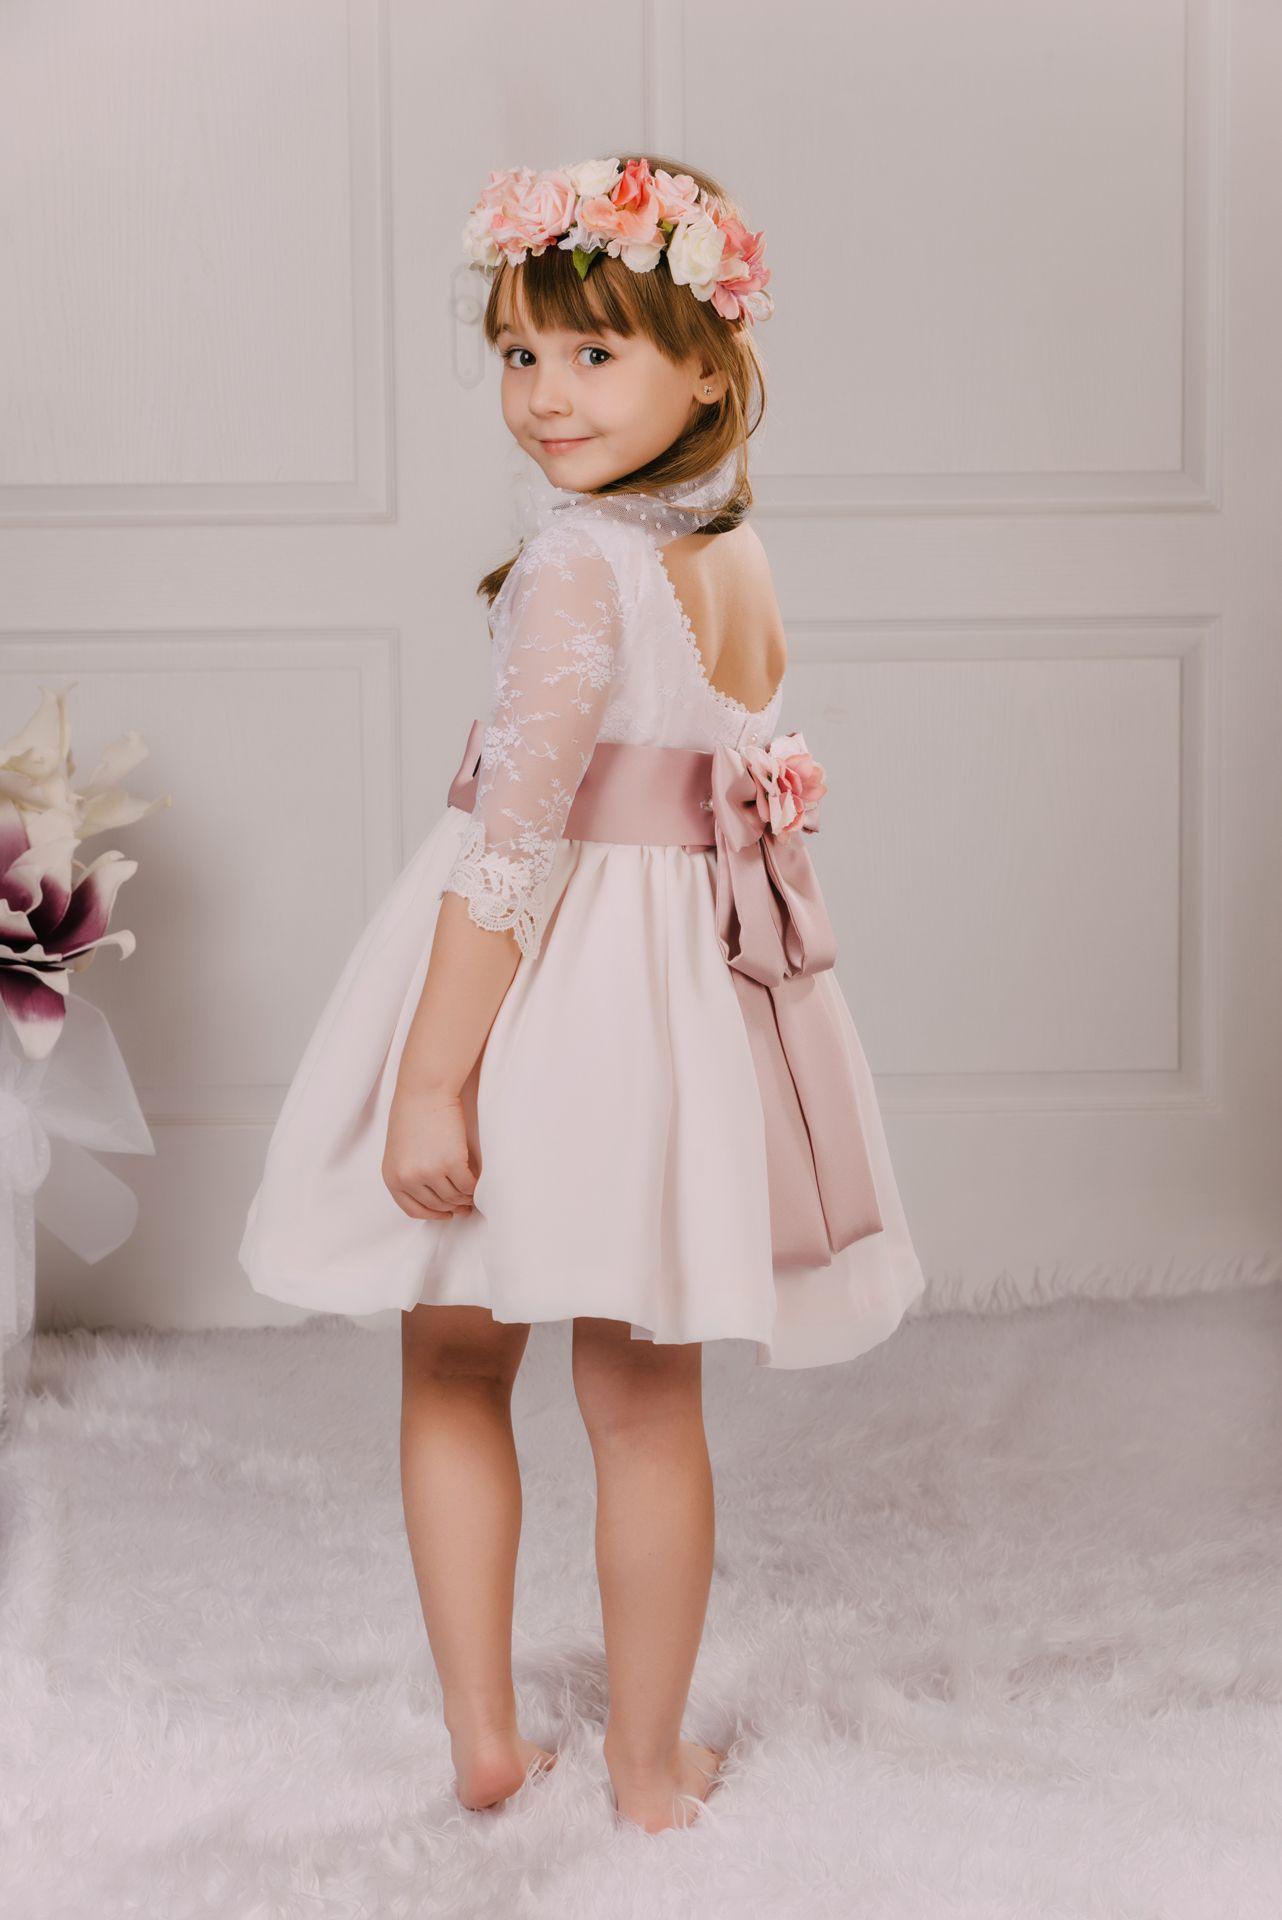 13f9ab210 Vestido de fiesta confeccionado en encaje y gasa con fondo rosa empolvado.  El vestido de